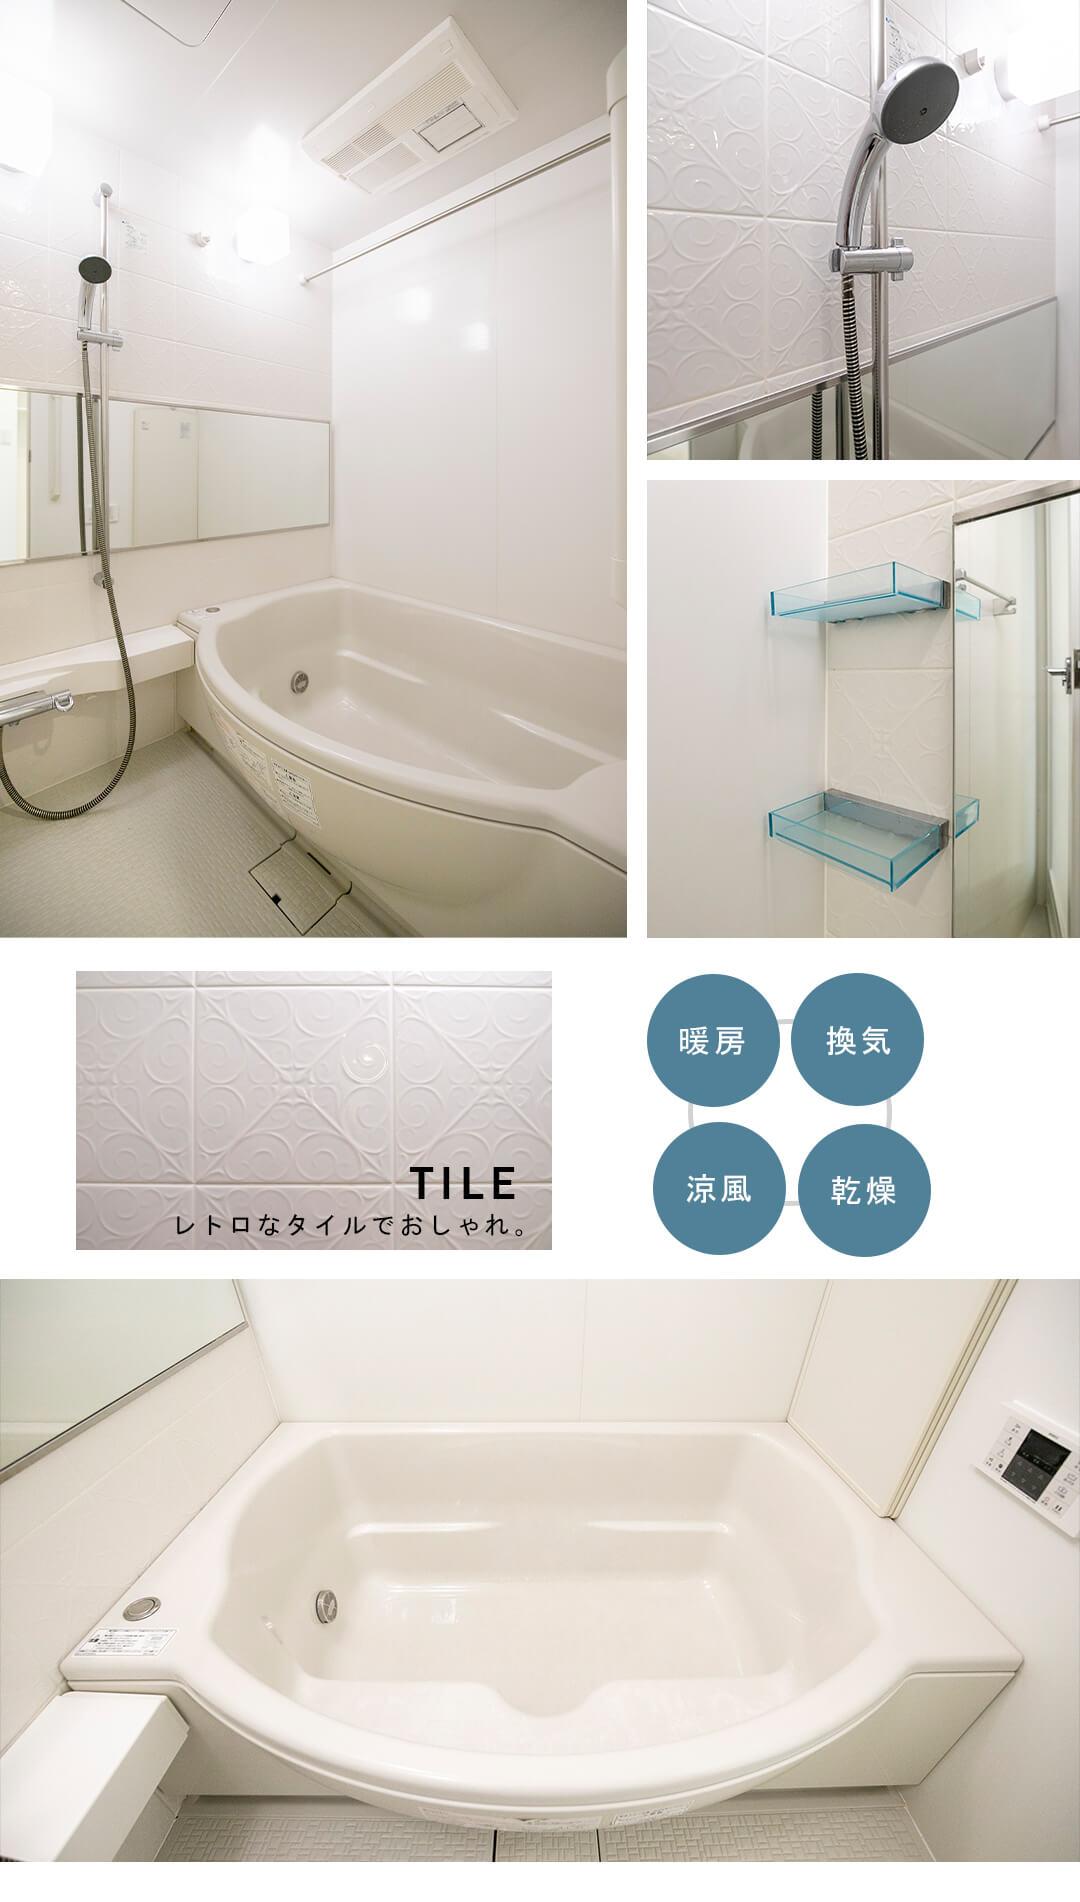 シティインデックス用賀の浴室